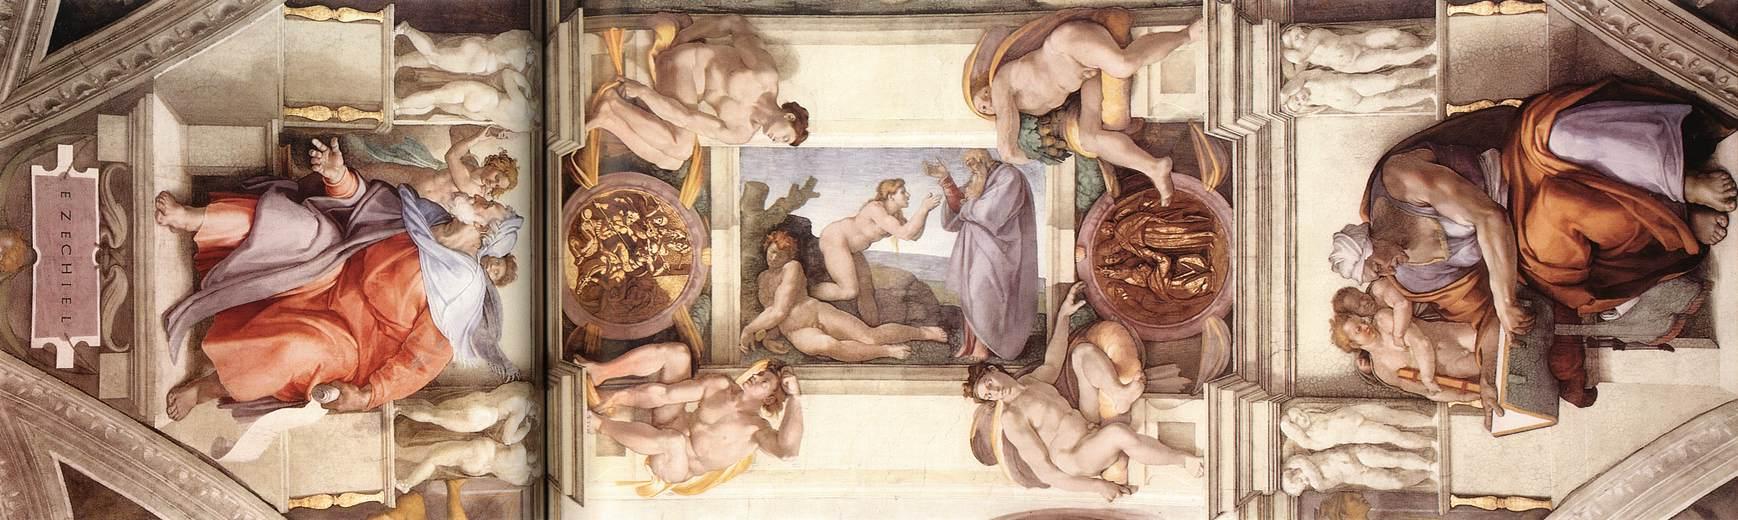 File Michelangelo Sistine Chapel Ceiling Bay 5 Jpg